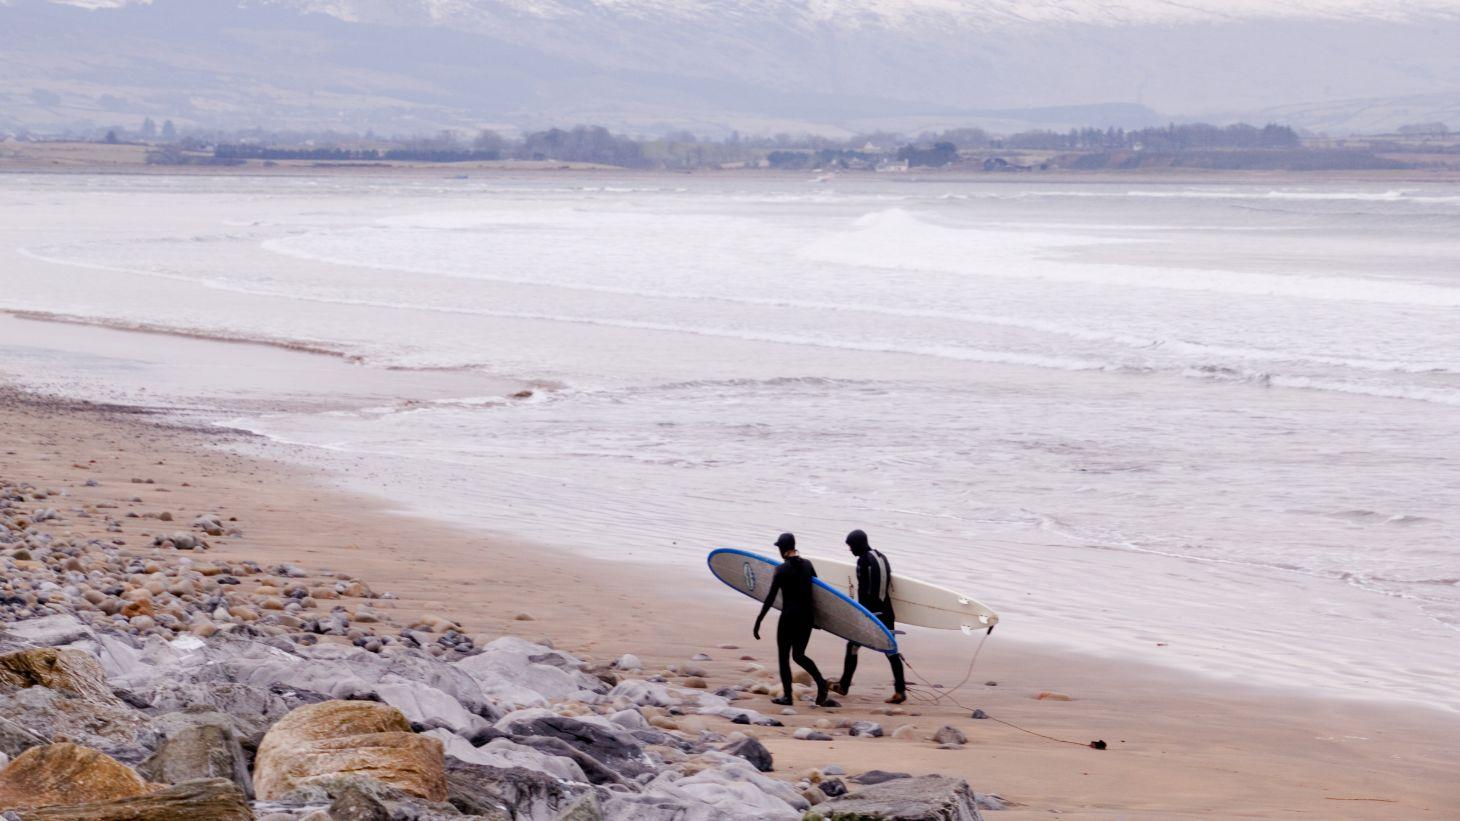 Catch your first wave on Strandhill Beach in Sligo.